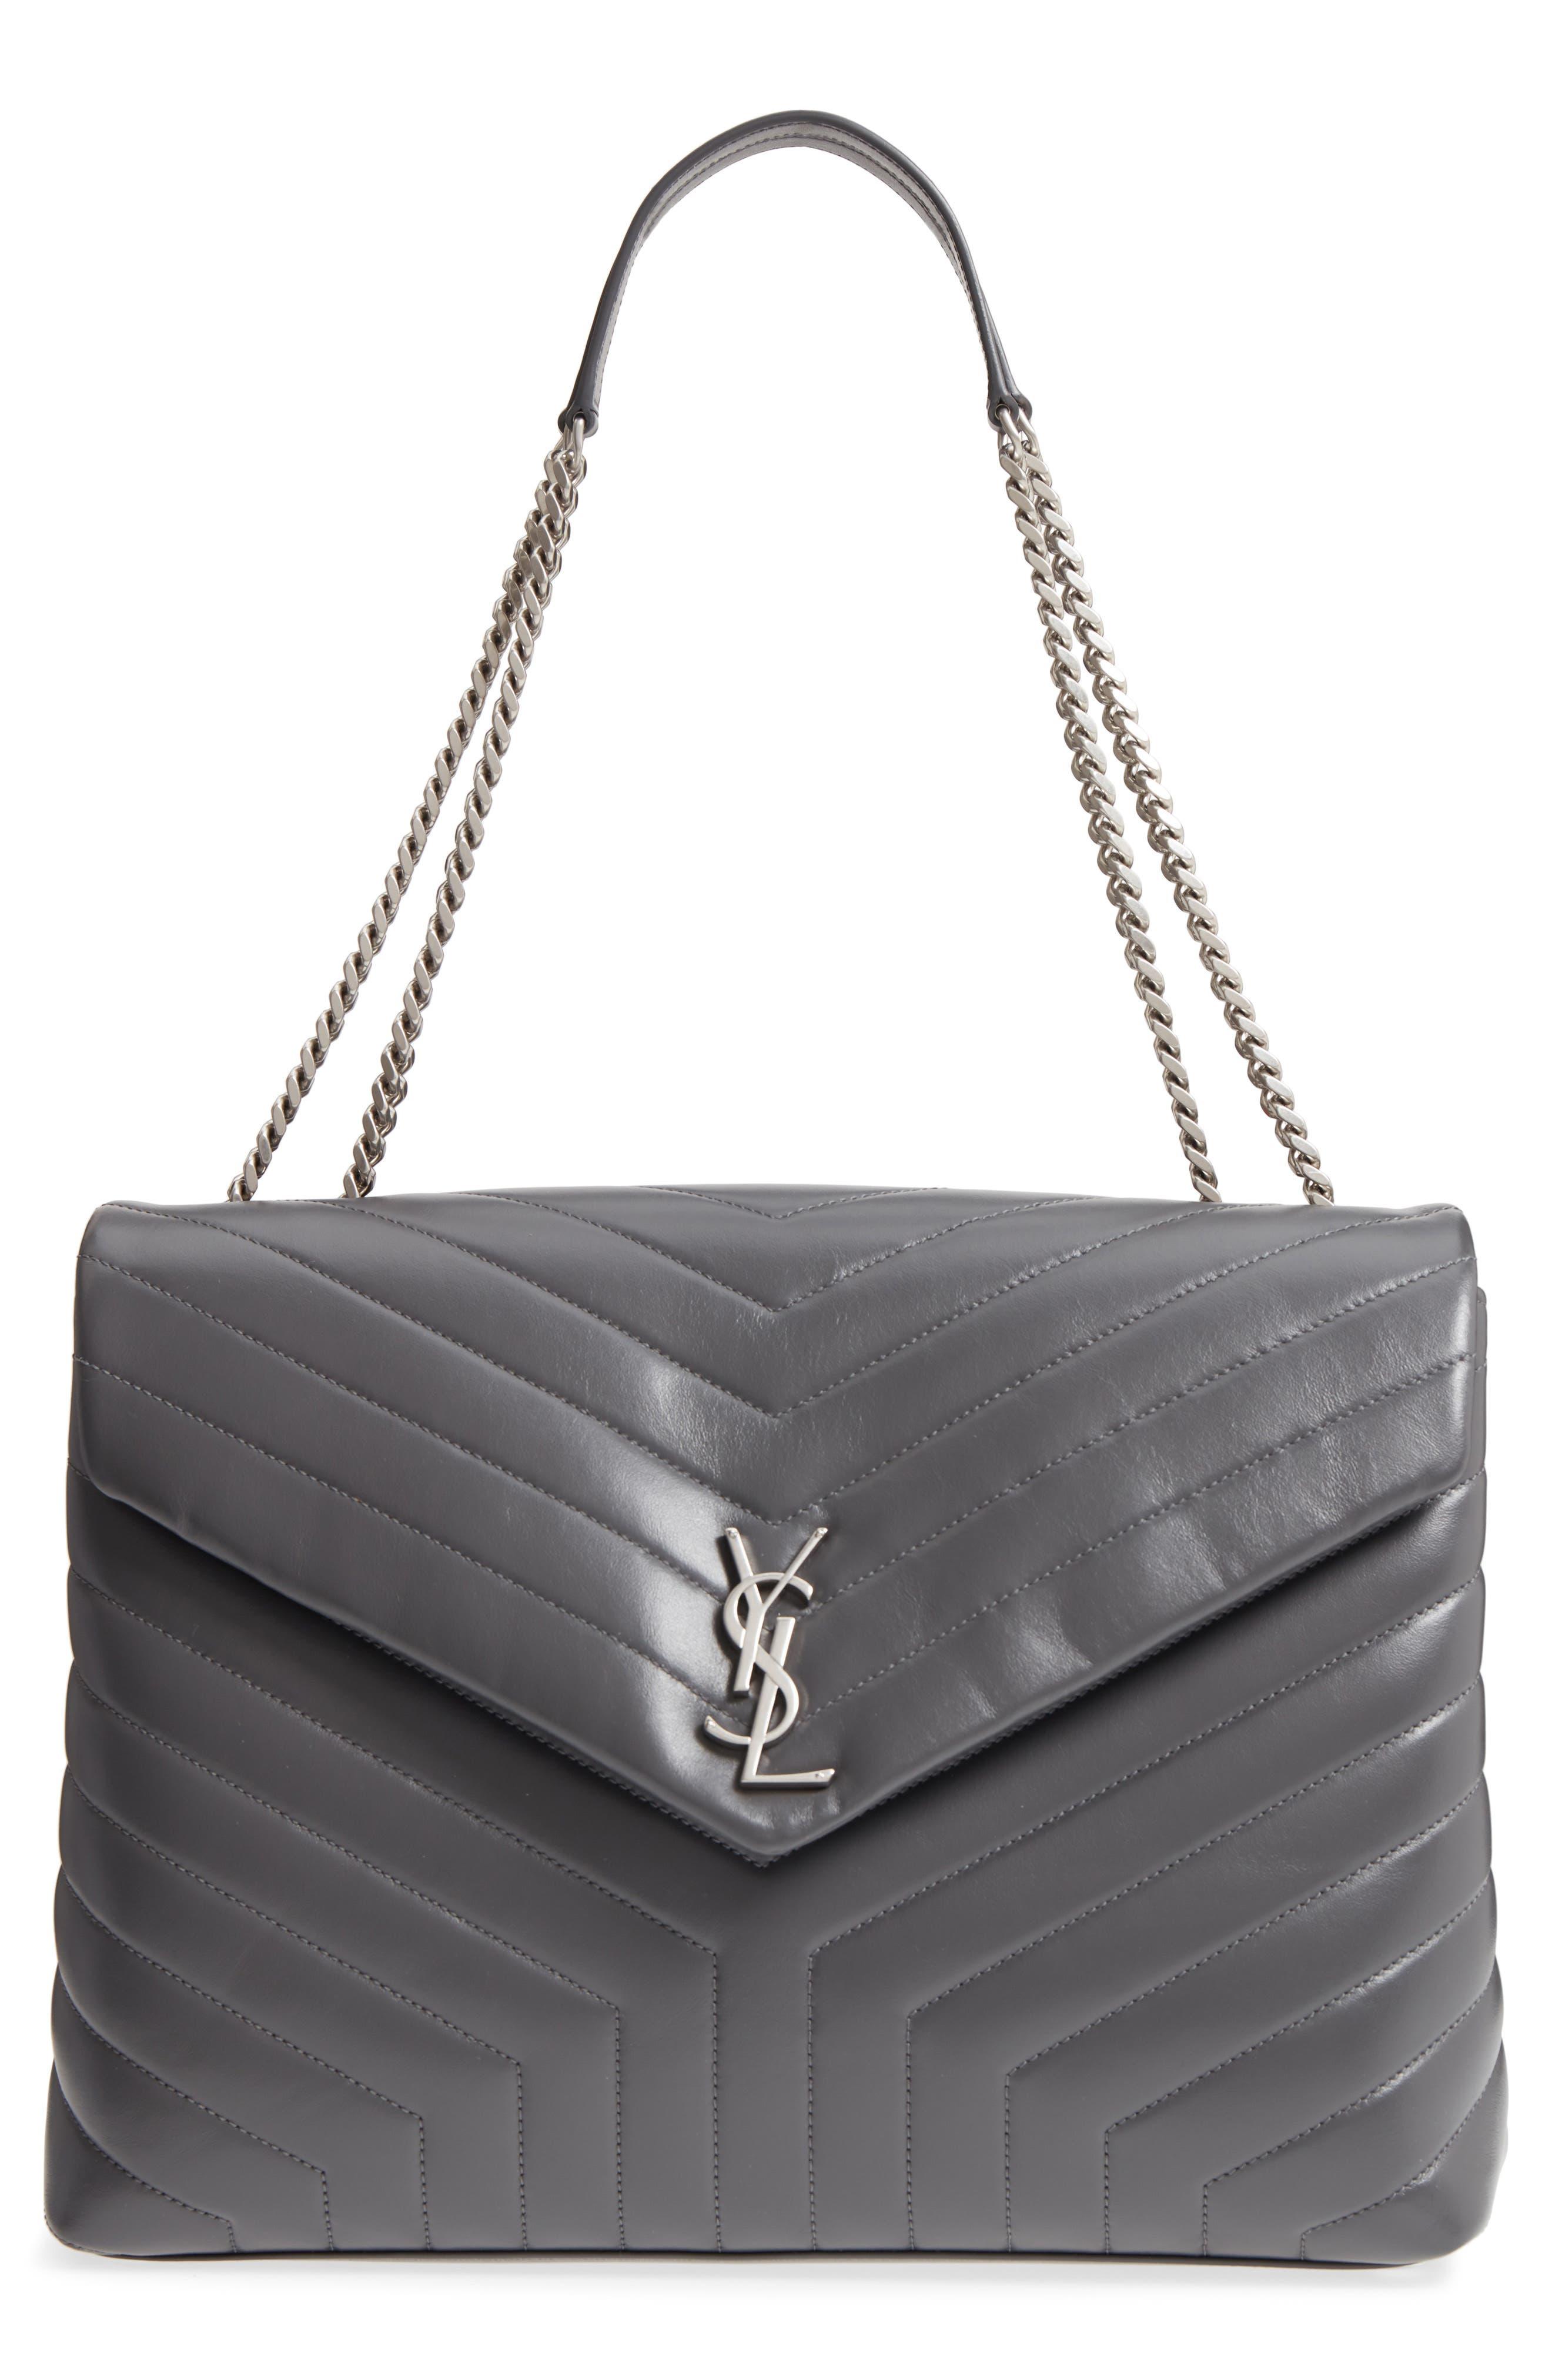 Large Loulou Matelassé Leather Shoulder Bag,                             Main thumbnail 1, color,                             STORM/ STORM